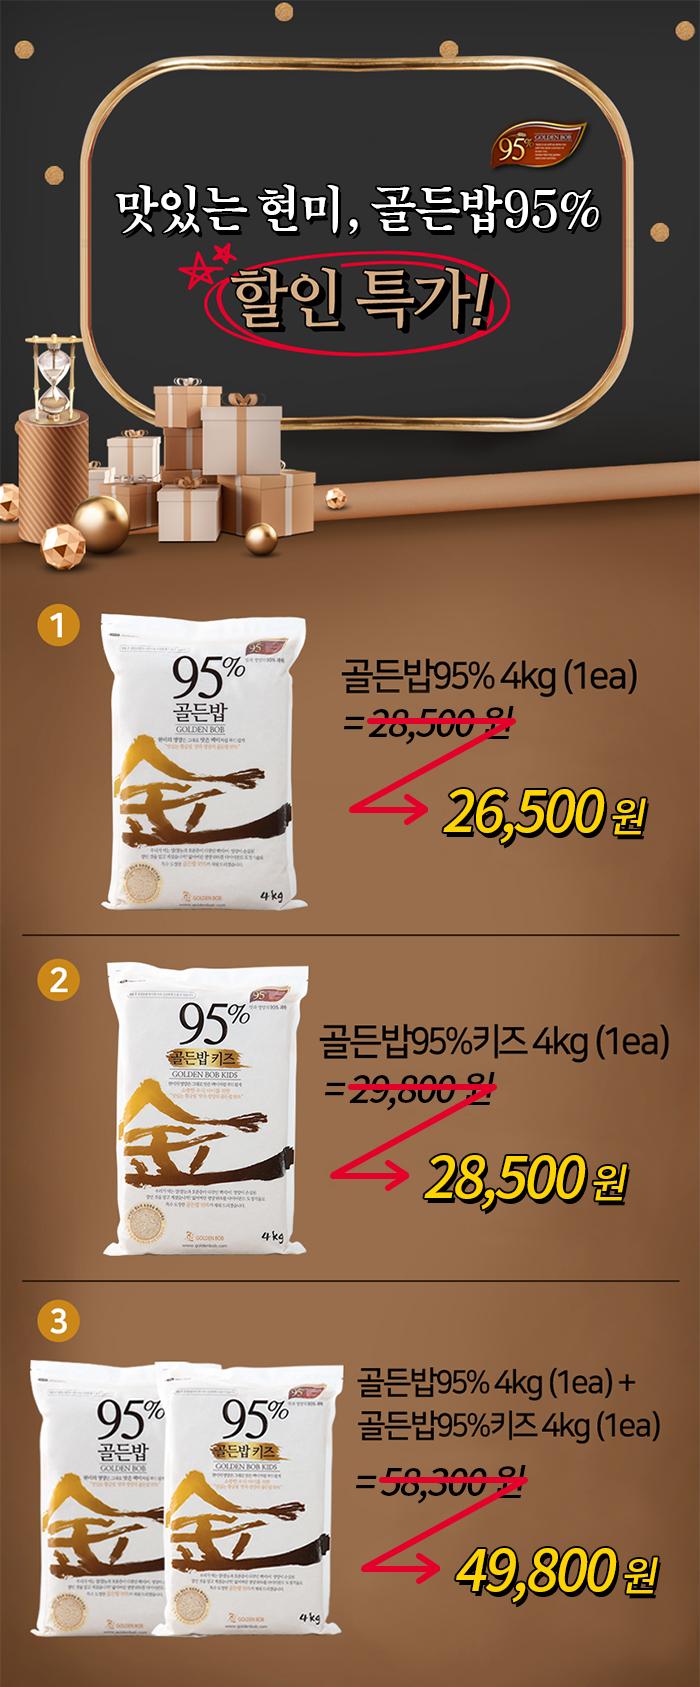 골든밥-할인특가-수정.jpg